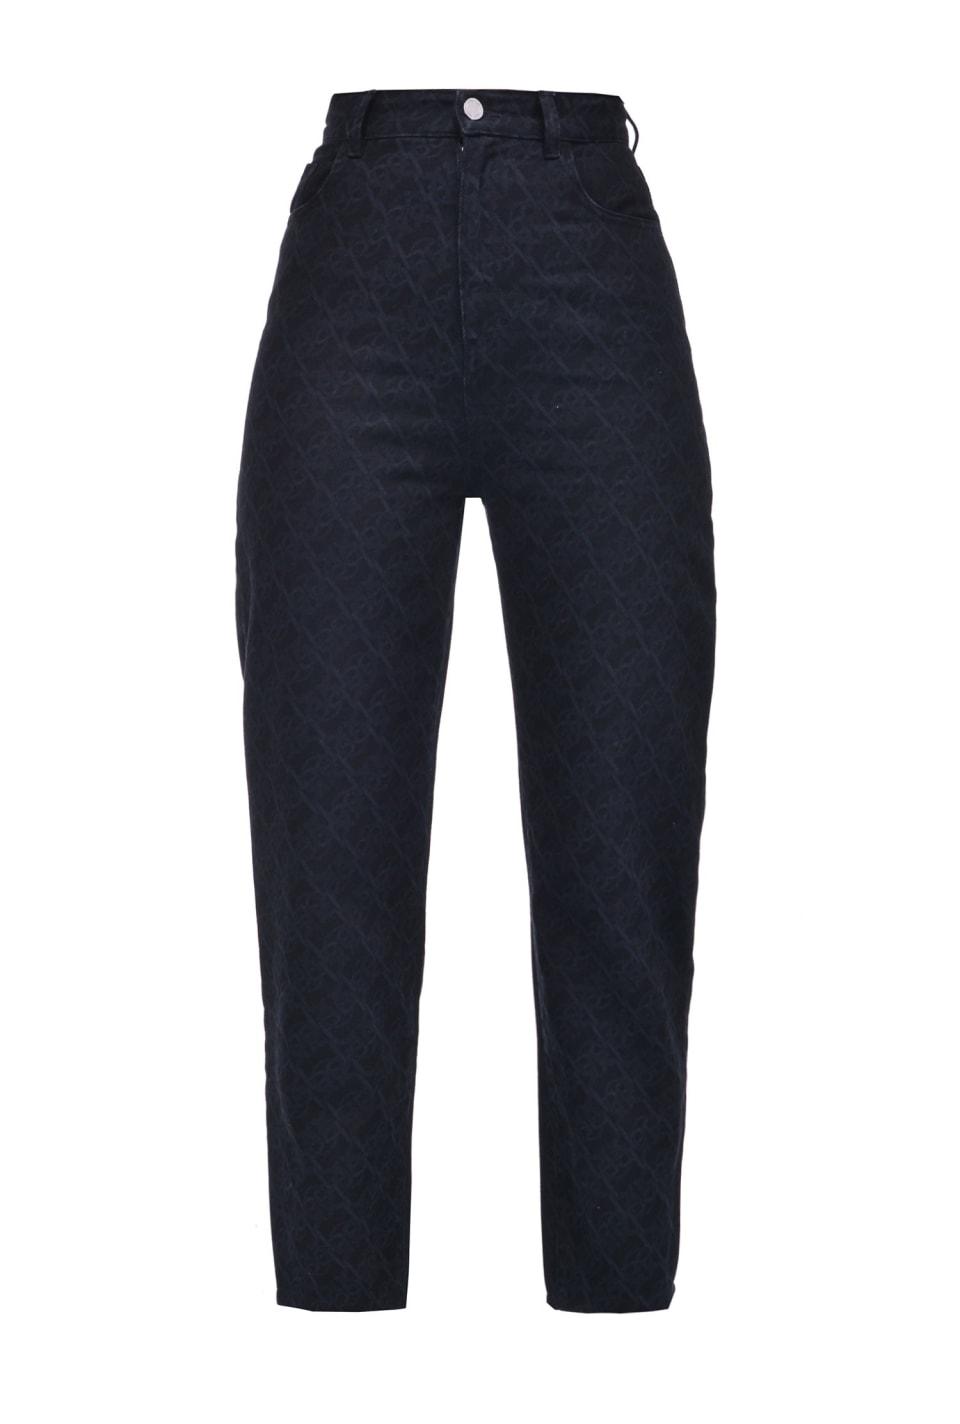 Monogram jeans